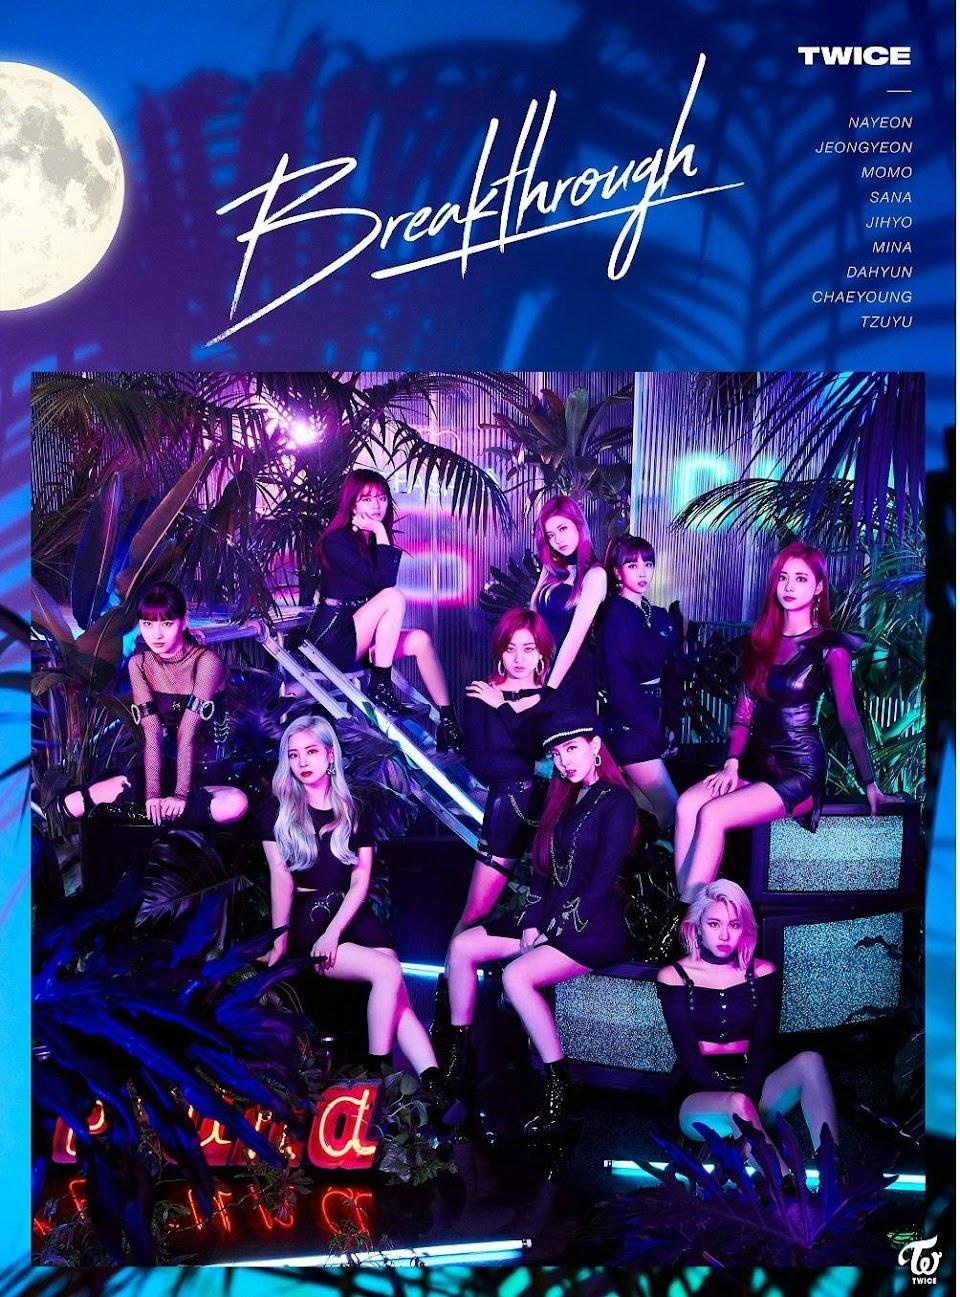 twice_breakthrough_2